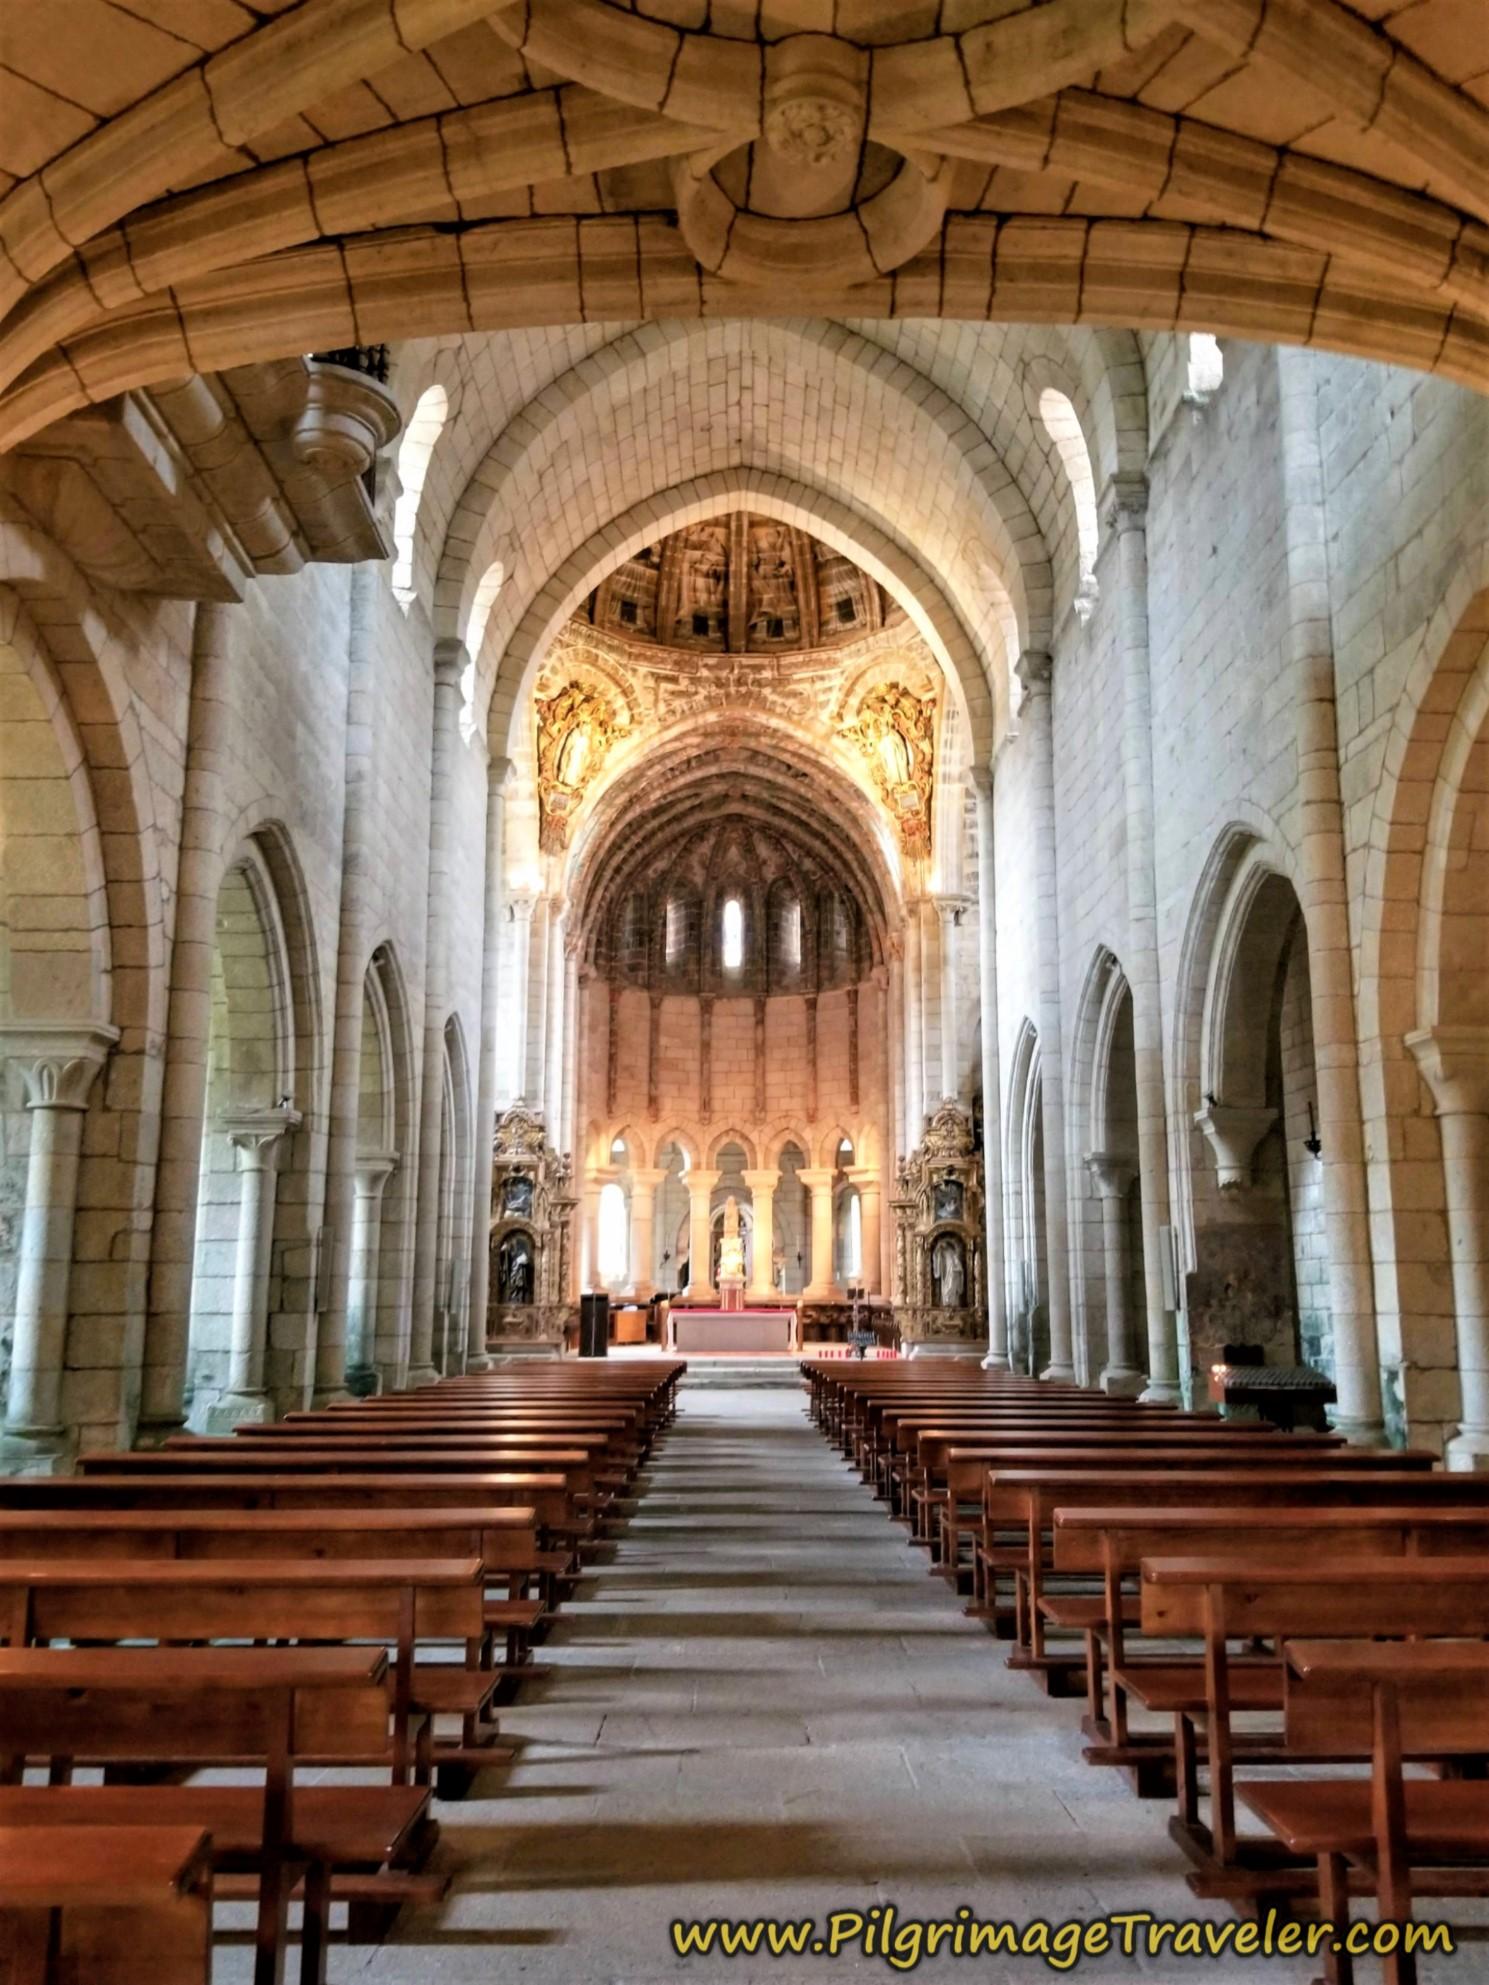 Central Nave of Monastery Church, Mosteiro de Oseira